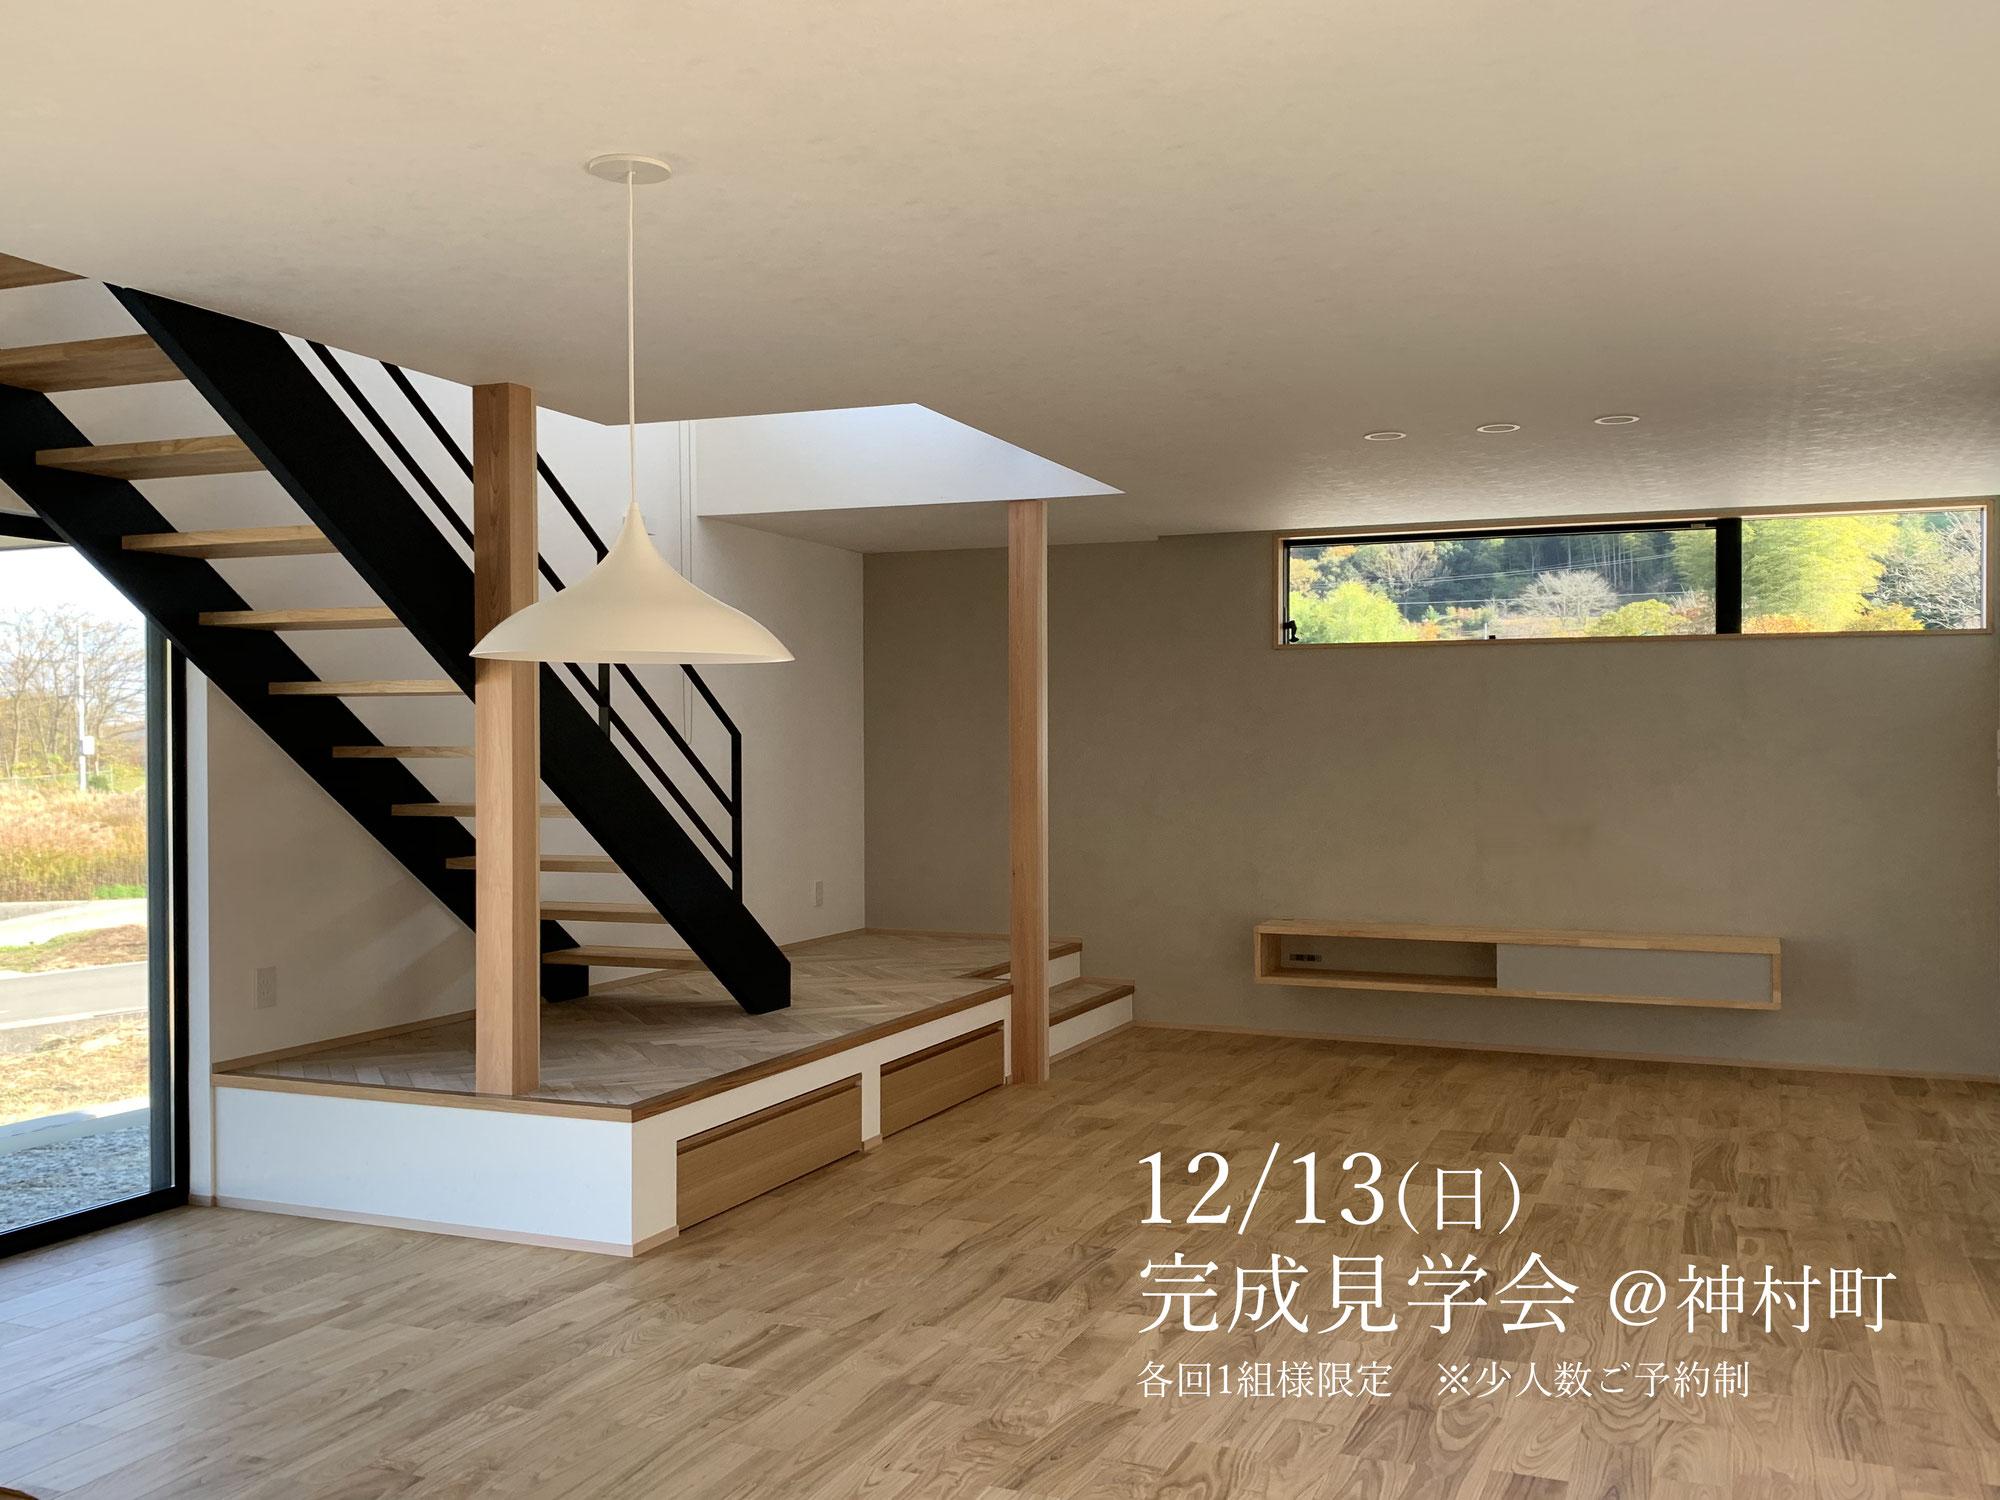 2020年12月13(日)神村の家 完成見学会